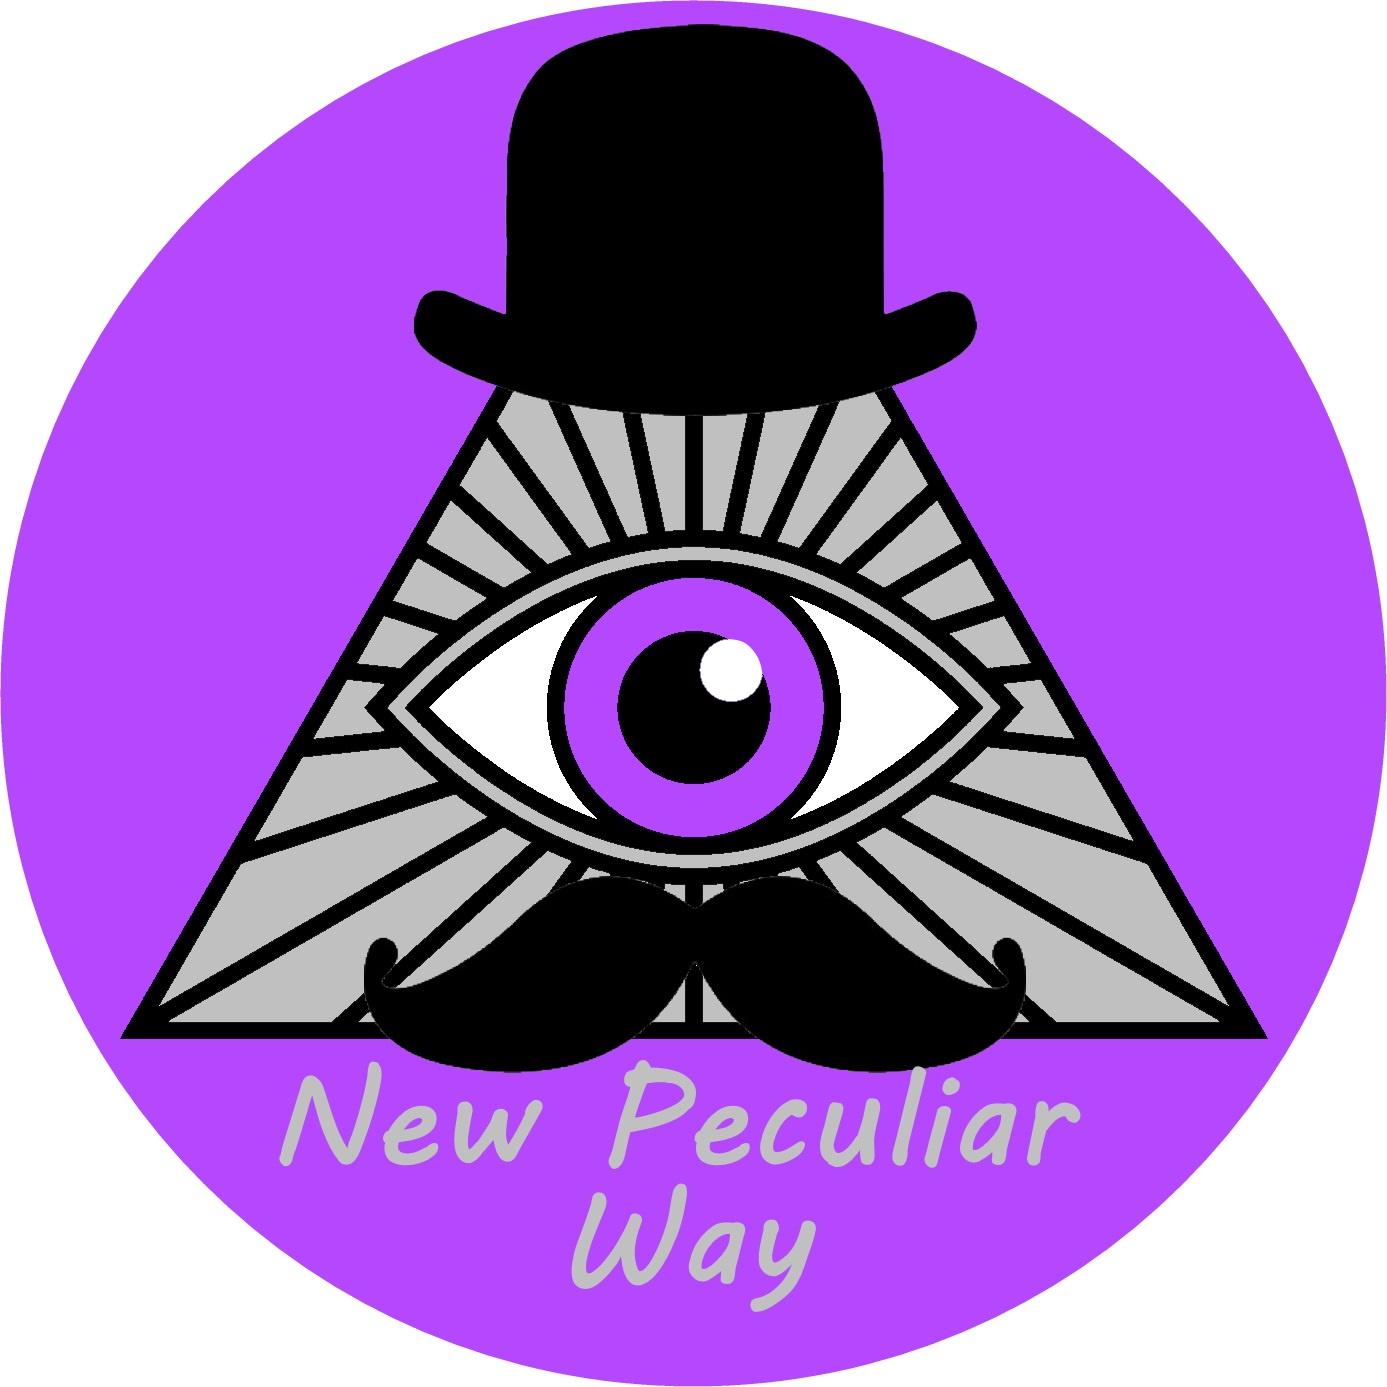 New Peculiar Way Logo